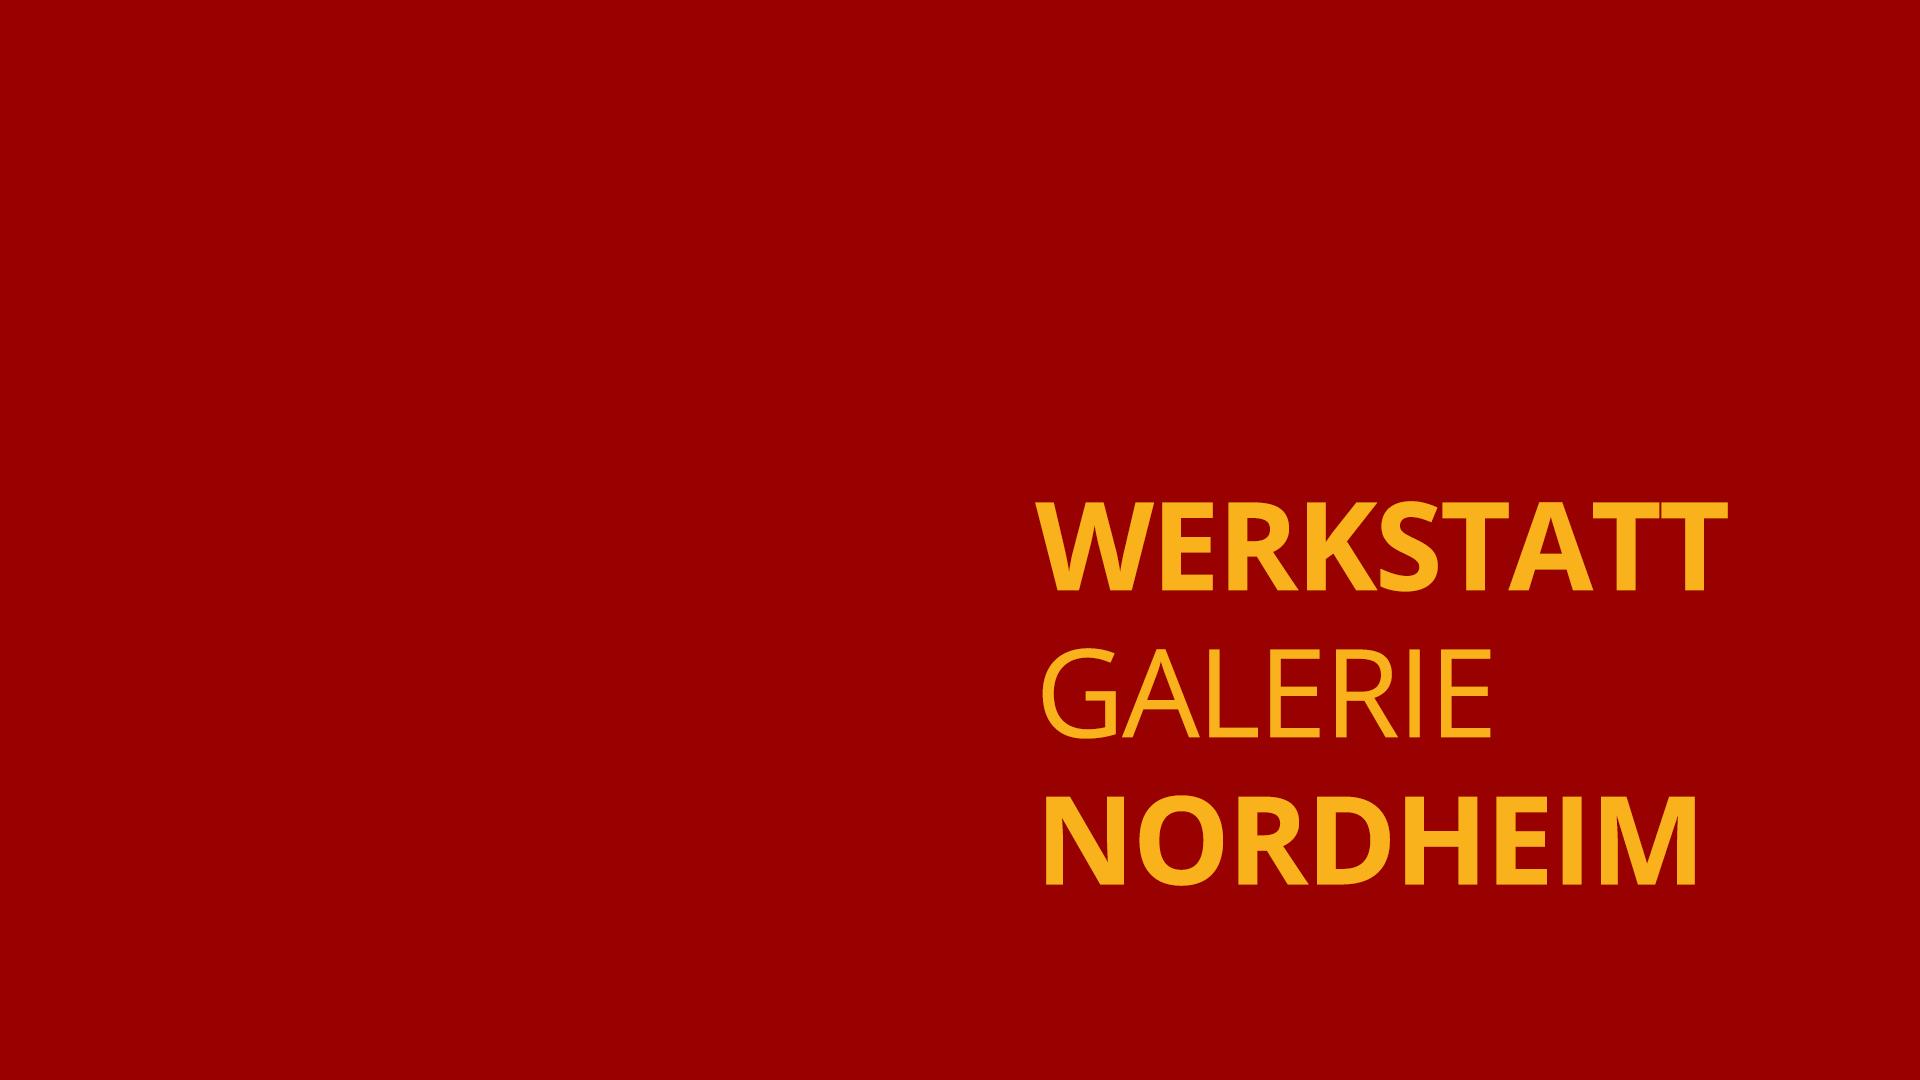 2015-Werkstatt-Galerie-Nordheim-banner.png